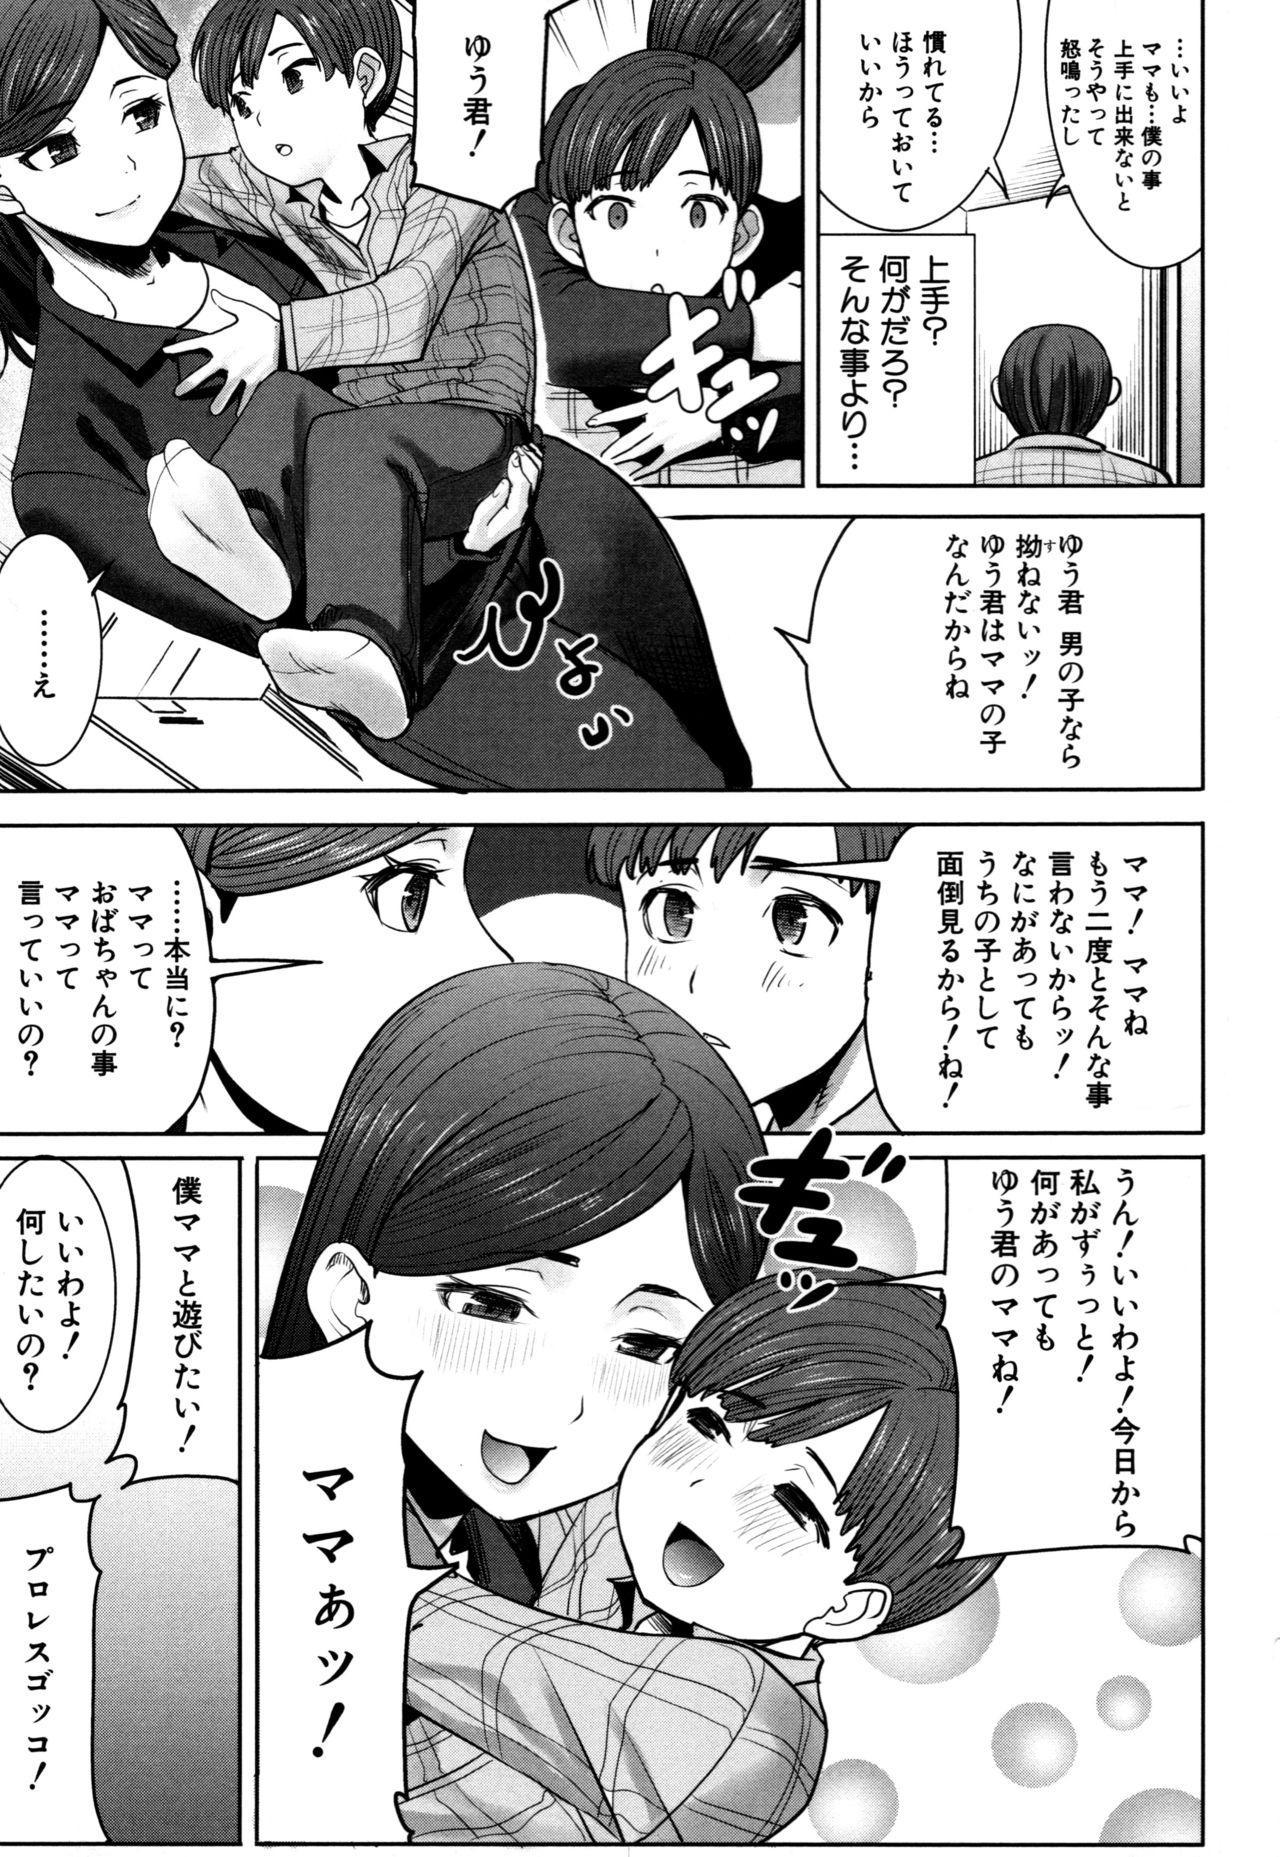 Unsweet - Asahina Ikka Netorareta Haha · Tomoko 34